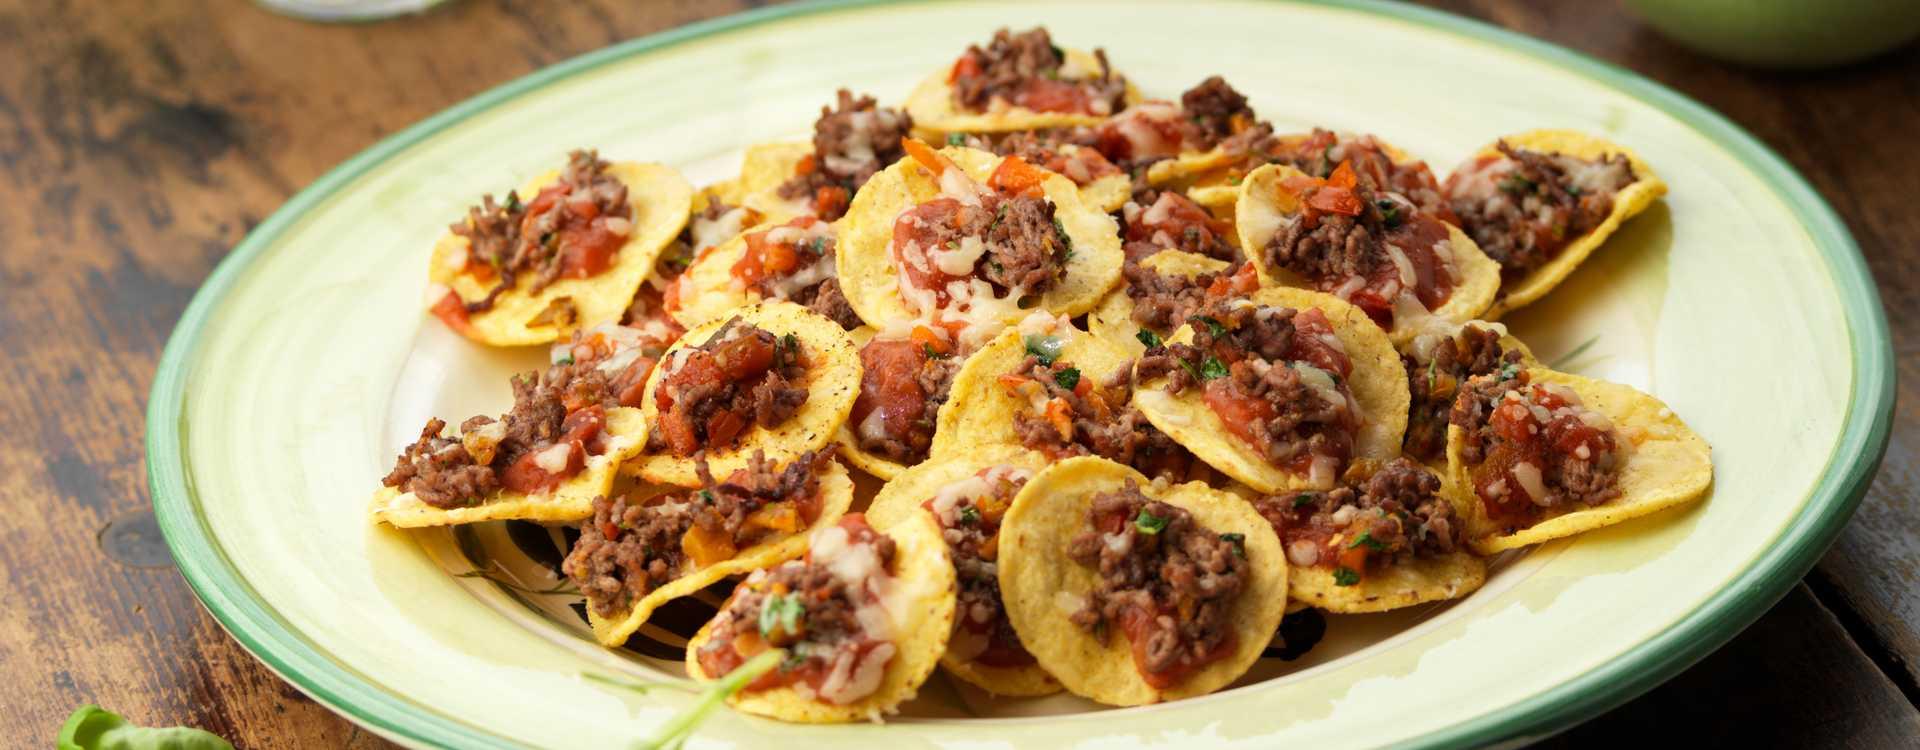 Ovnsgratinerte nachos